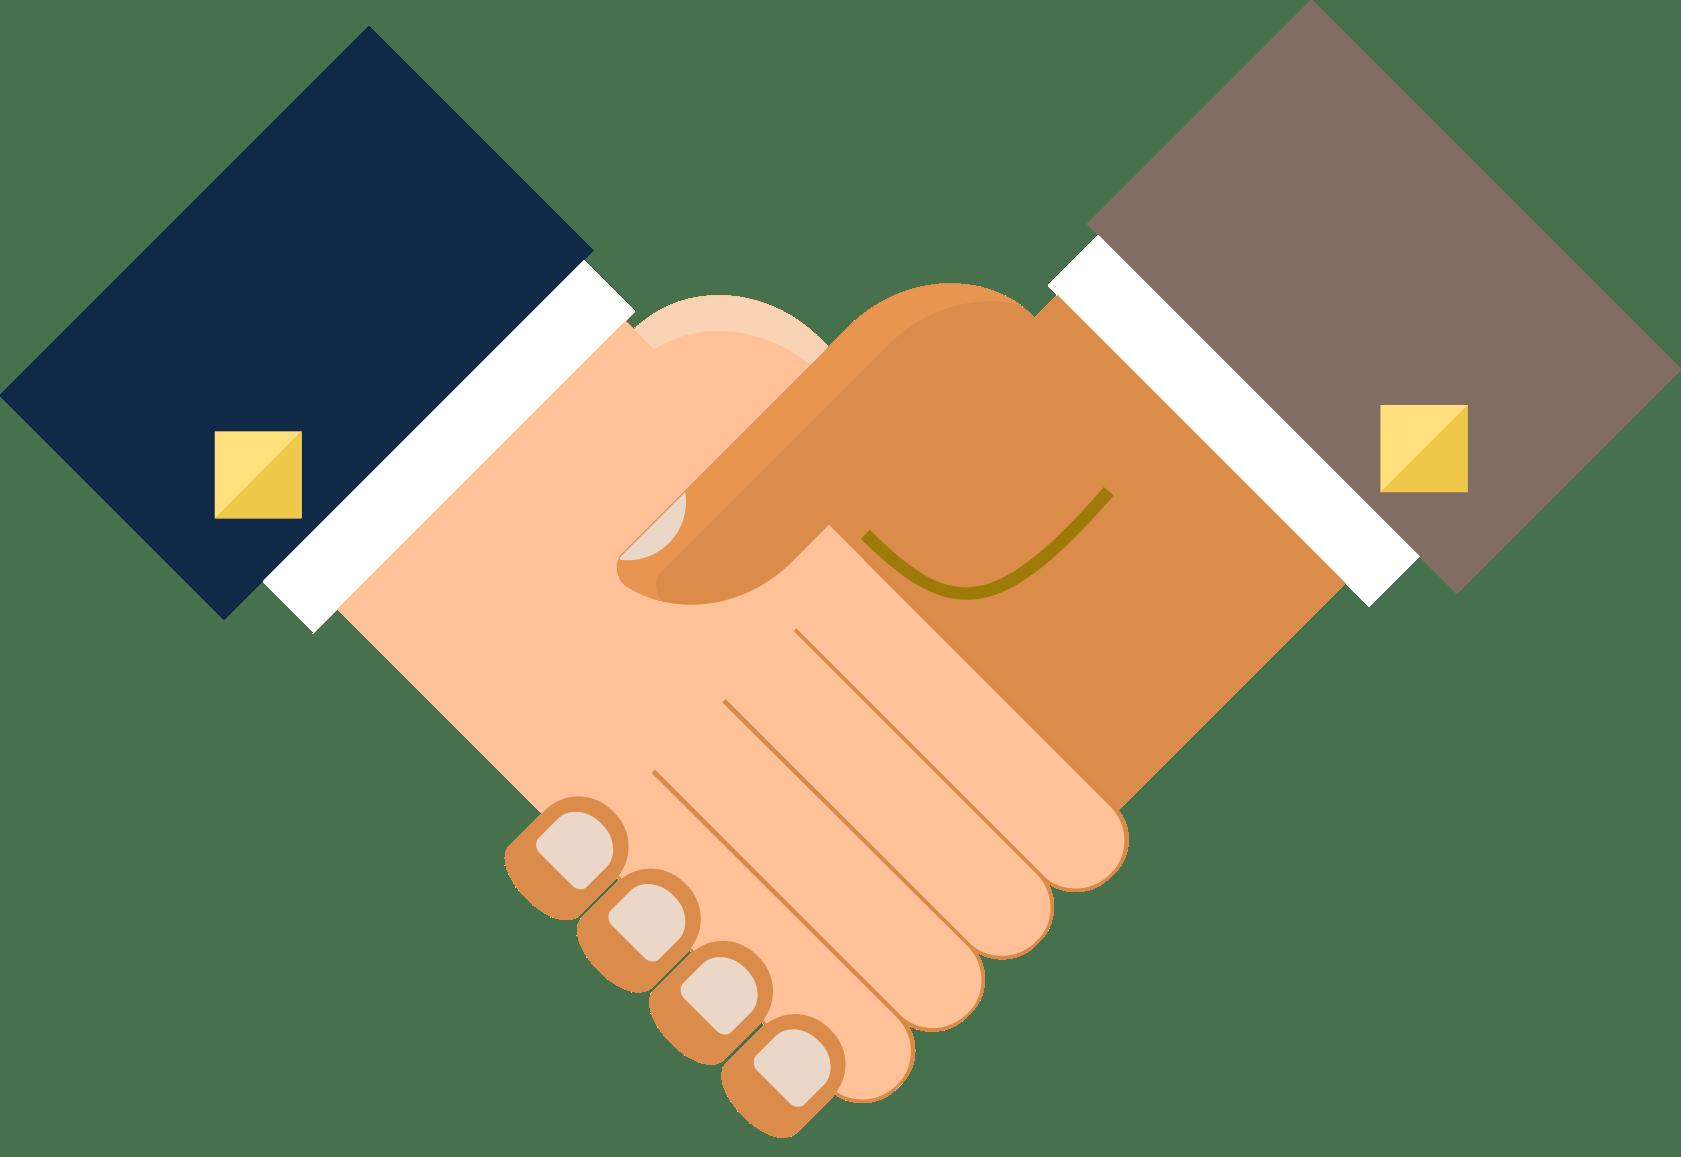 Handshake clipart orange. Customer communications direct mail